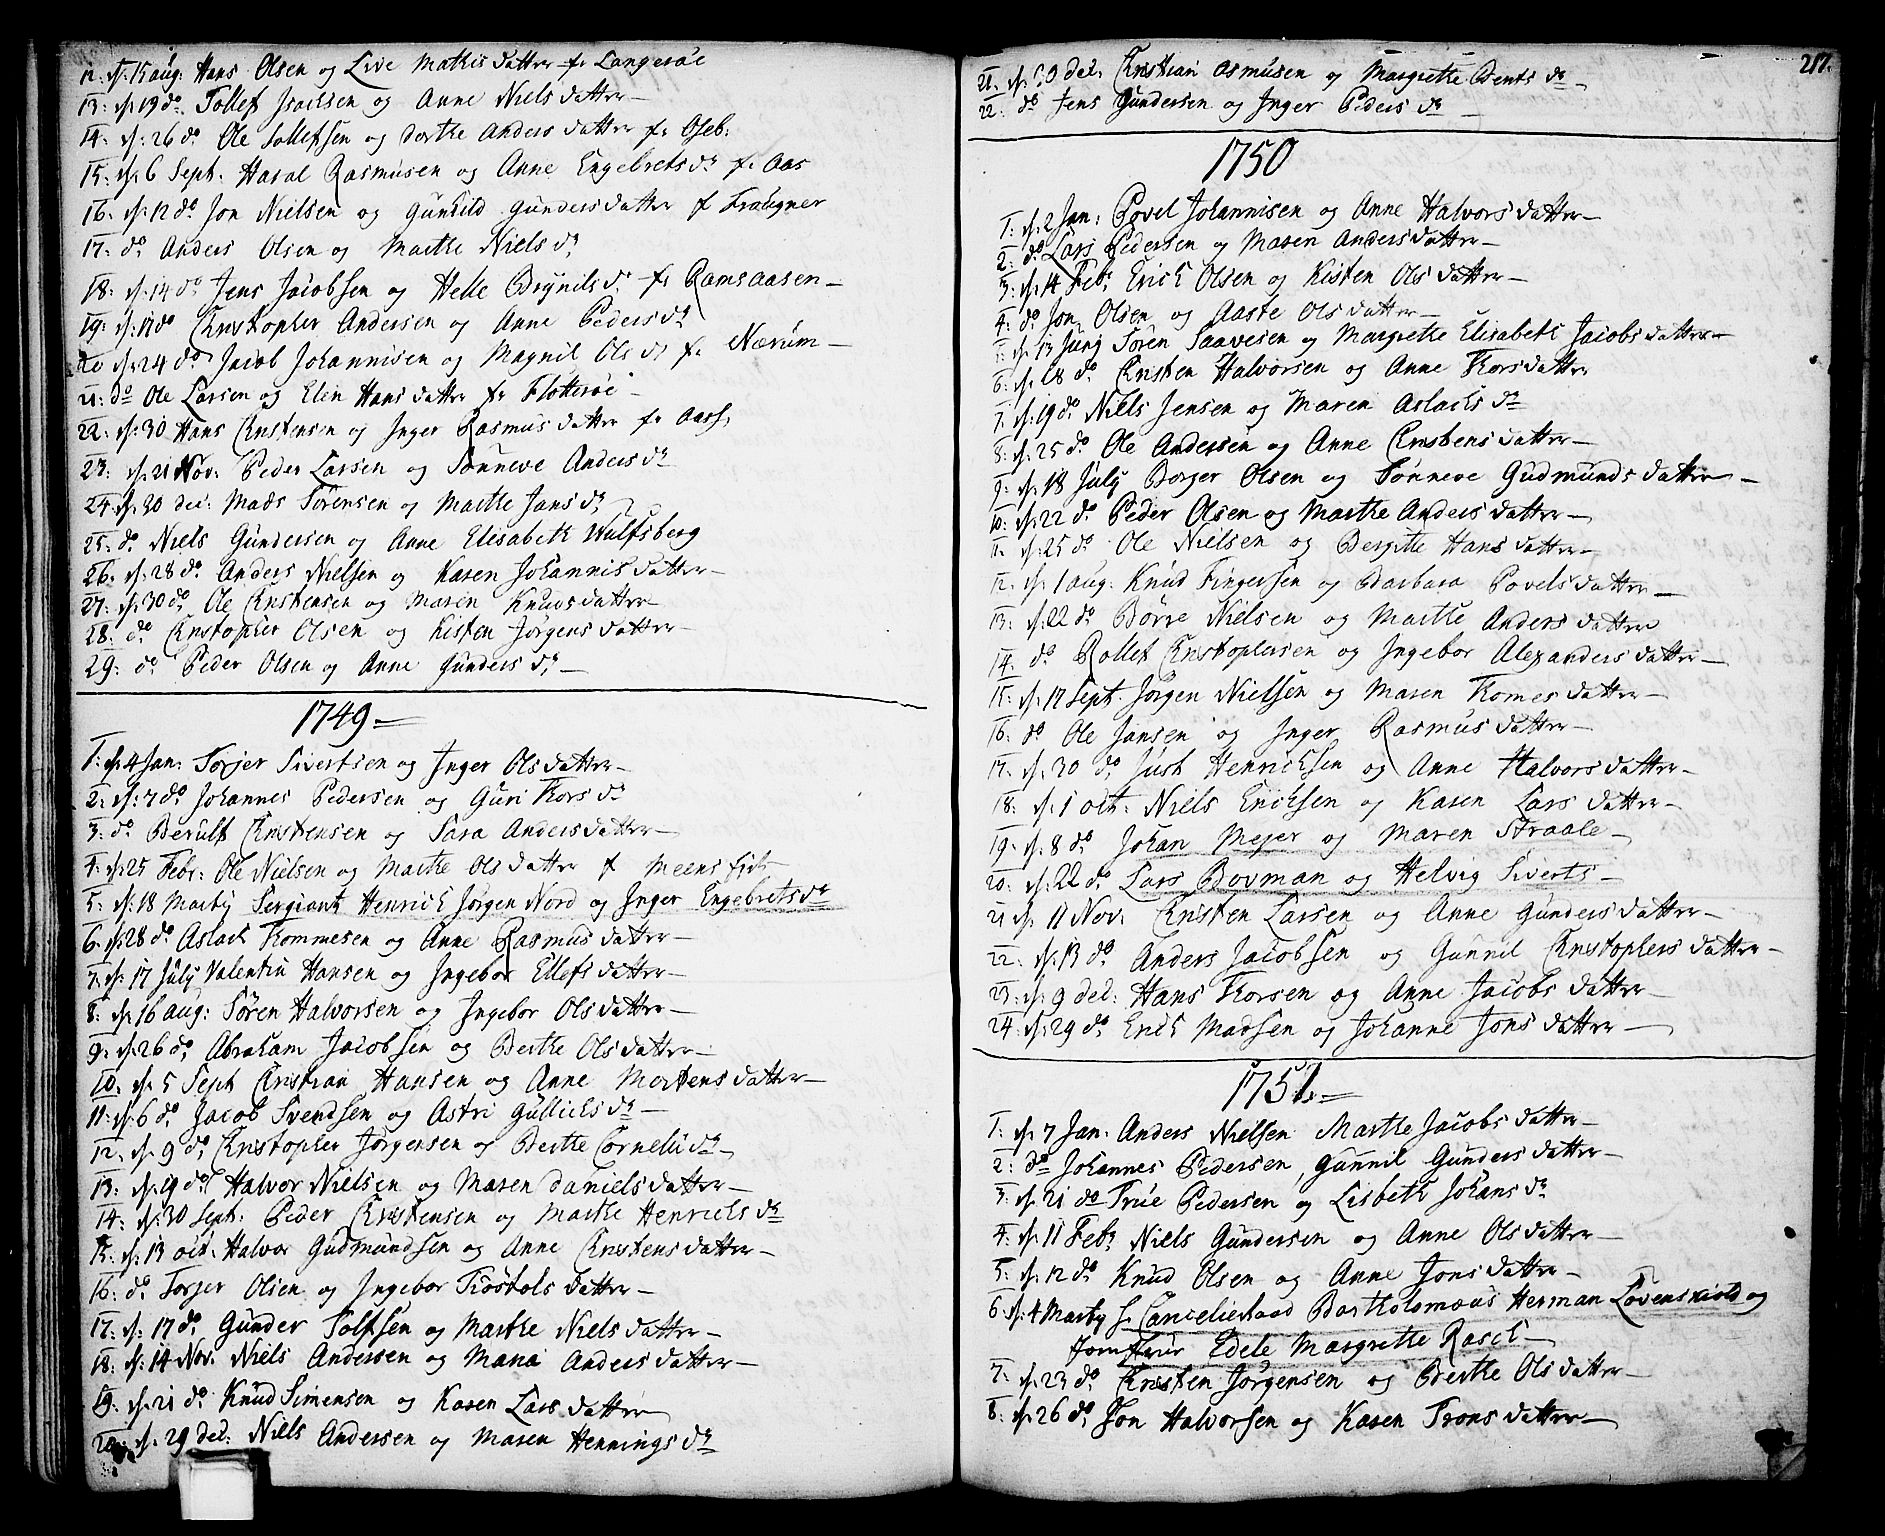 SAKO, Gjerpen kirkebøker, F/Fa/L0002: Ministerialbok nr. 2, 1747-1795, s. 217